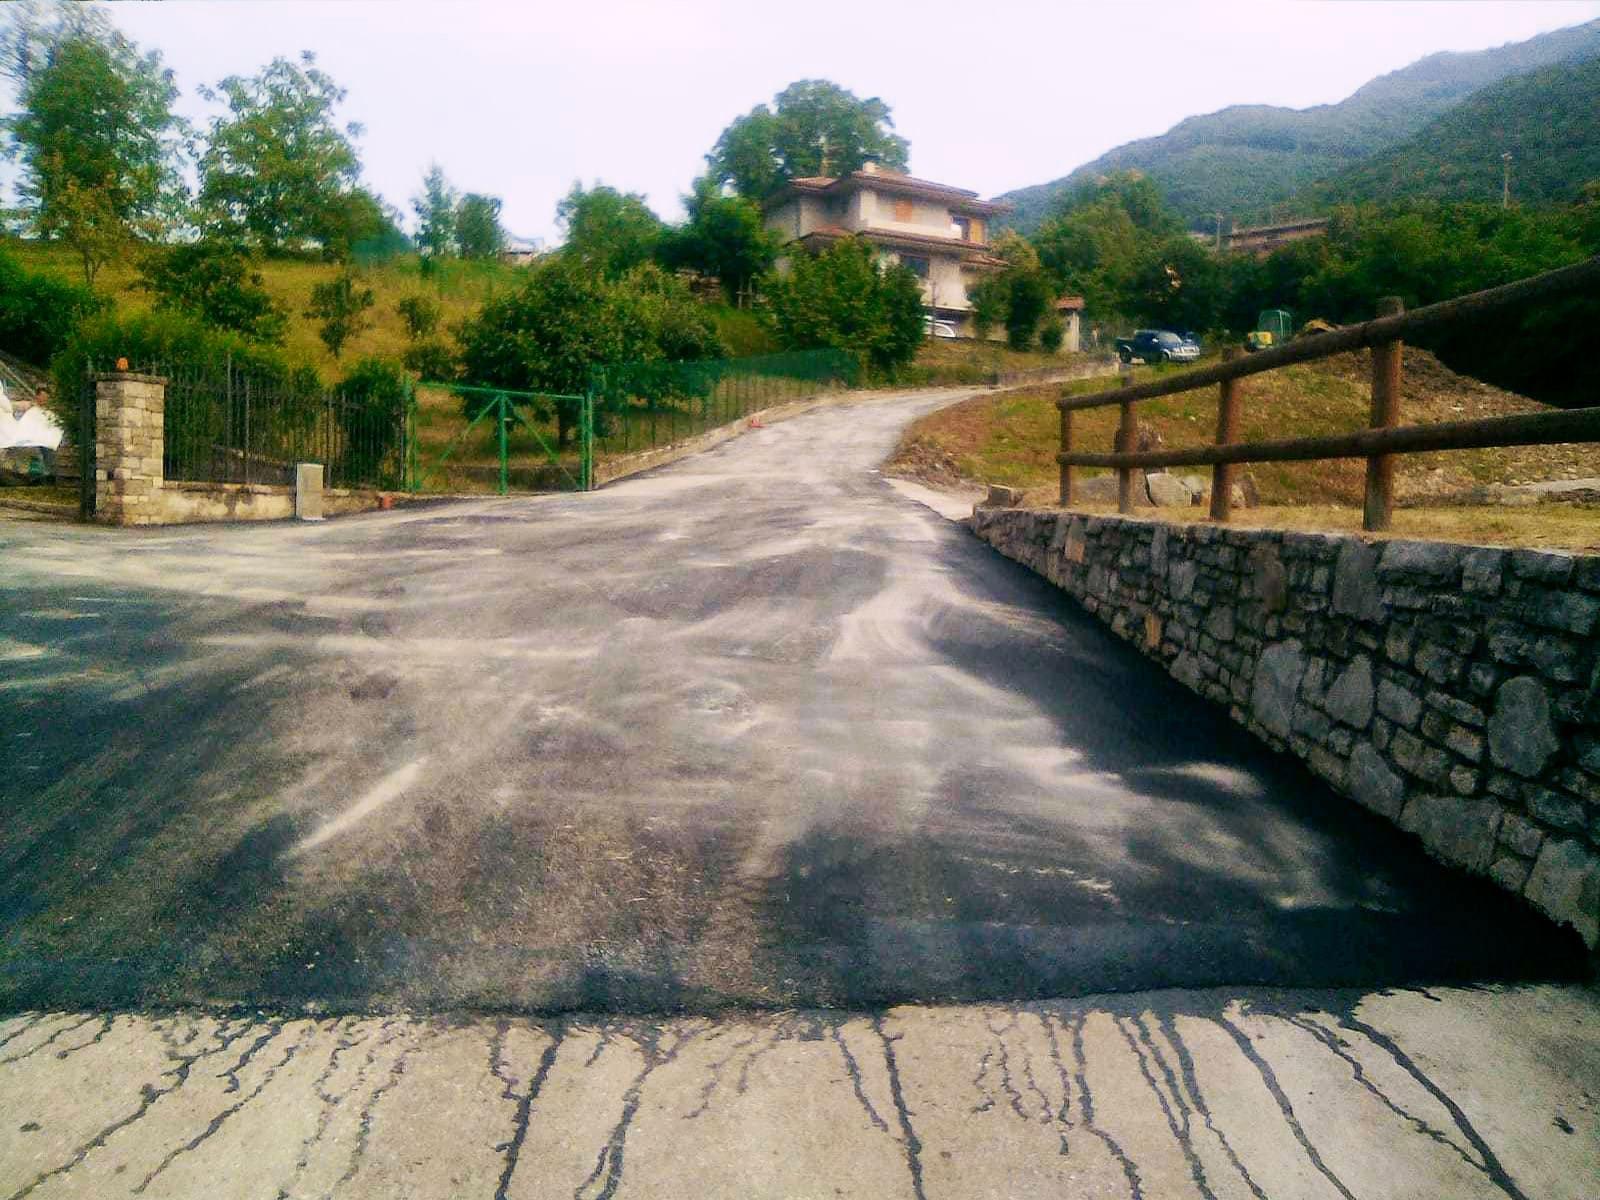 Messa in sicurezza strade comunali - Bedulita - 6